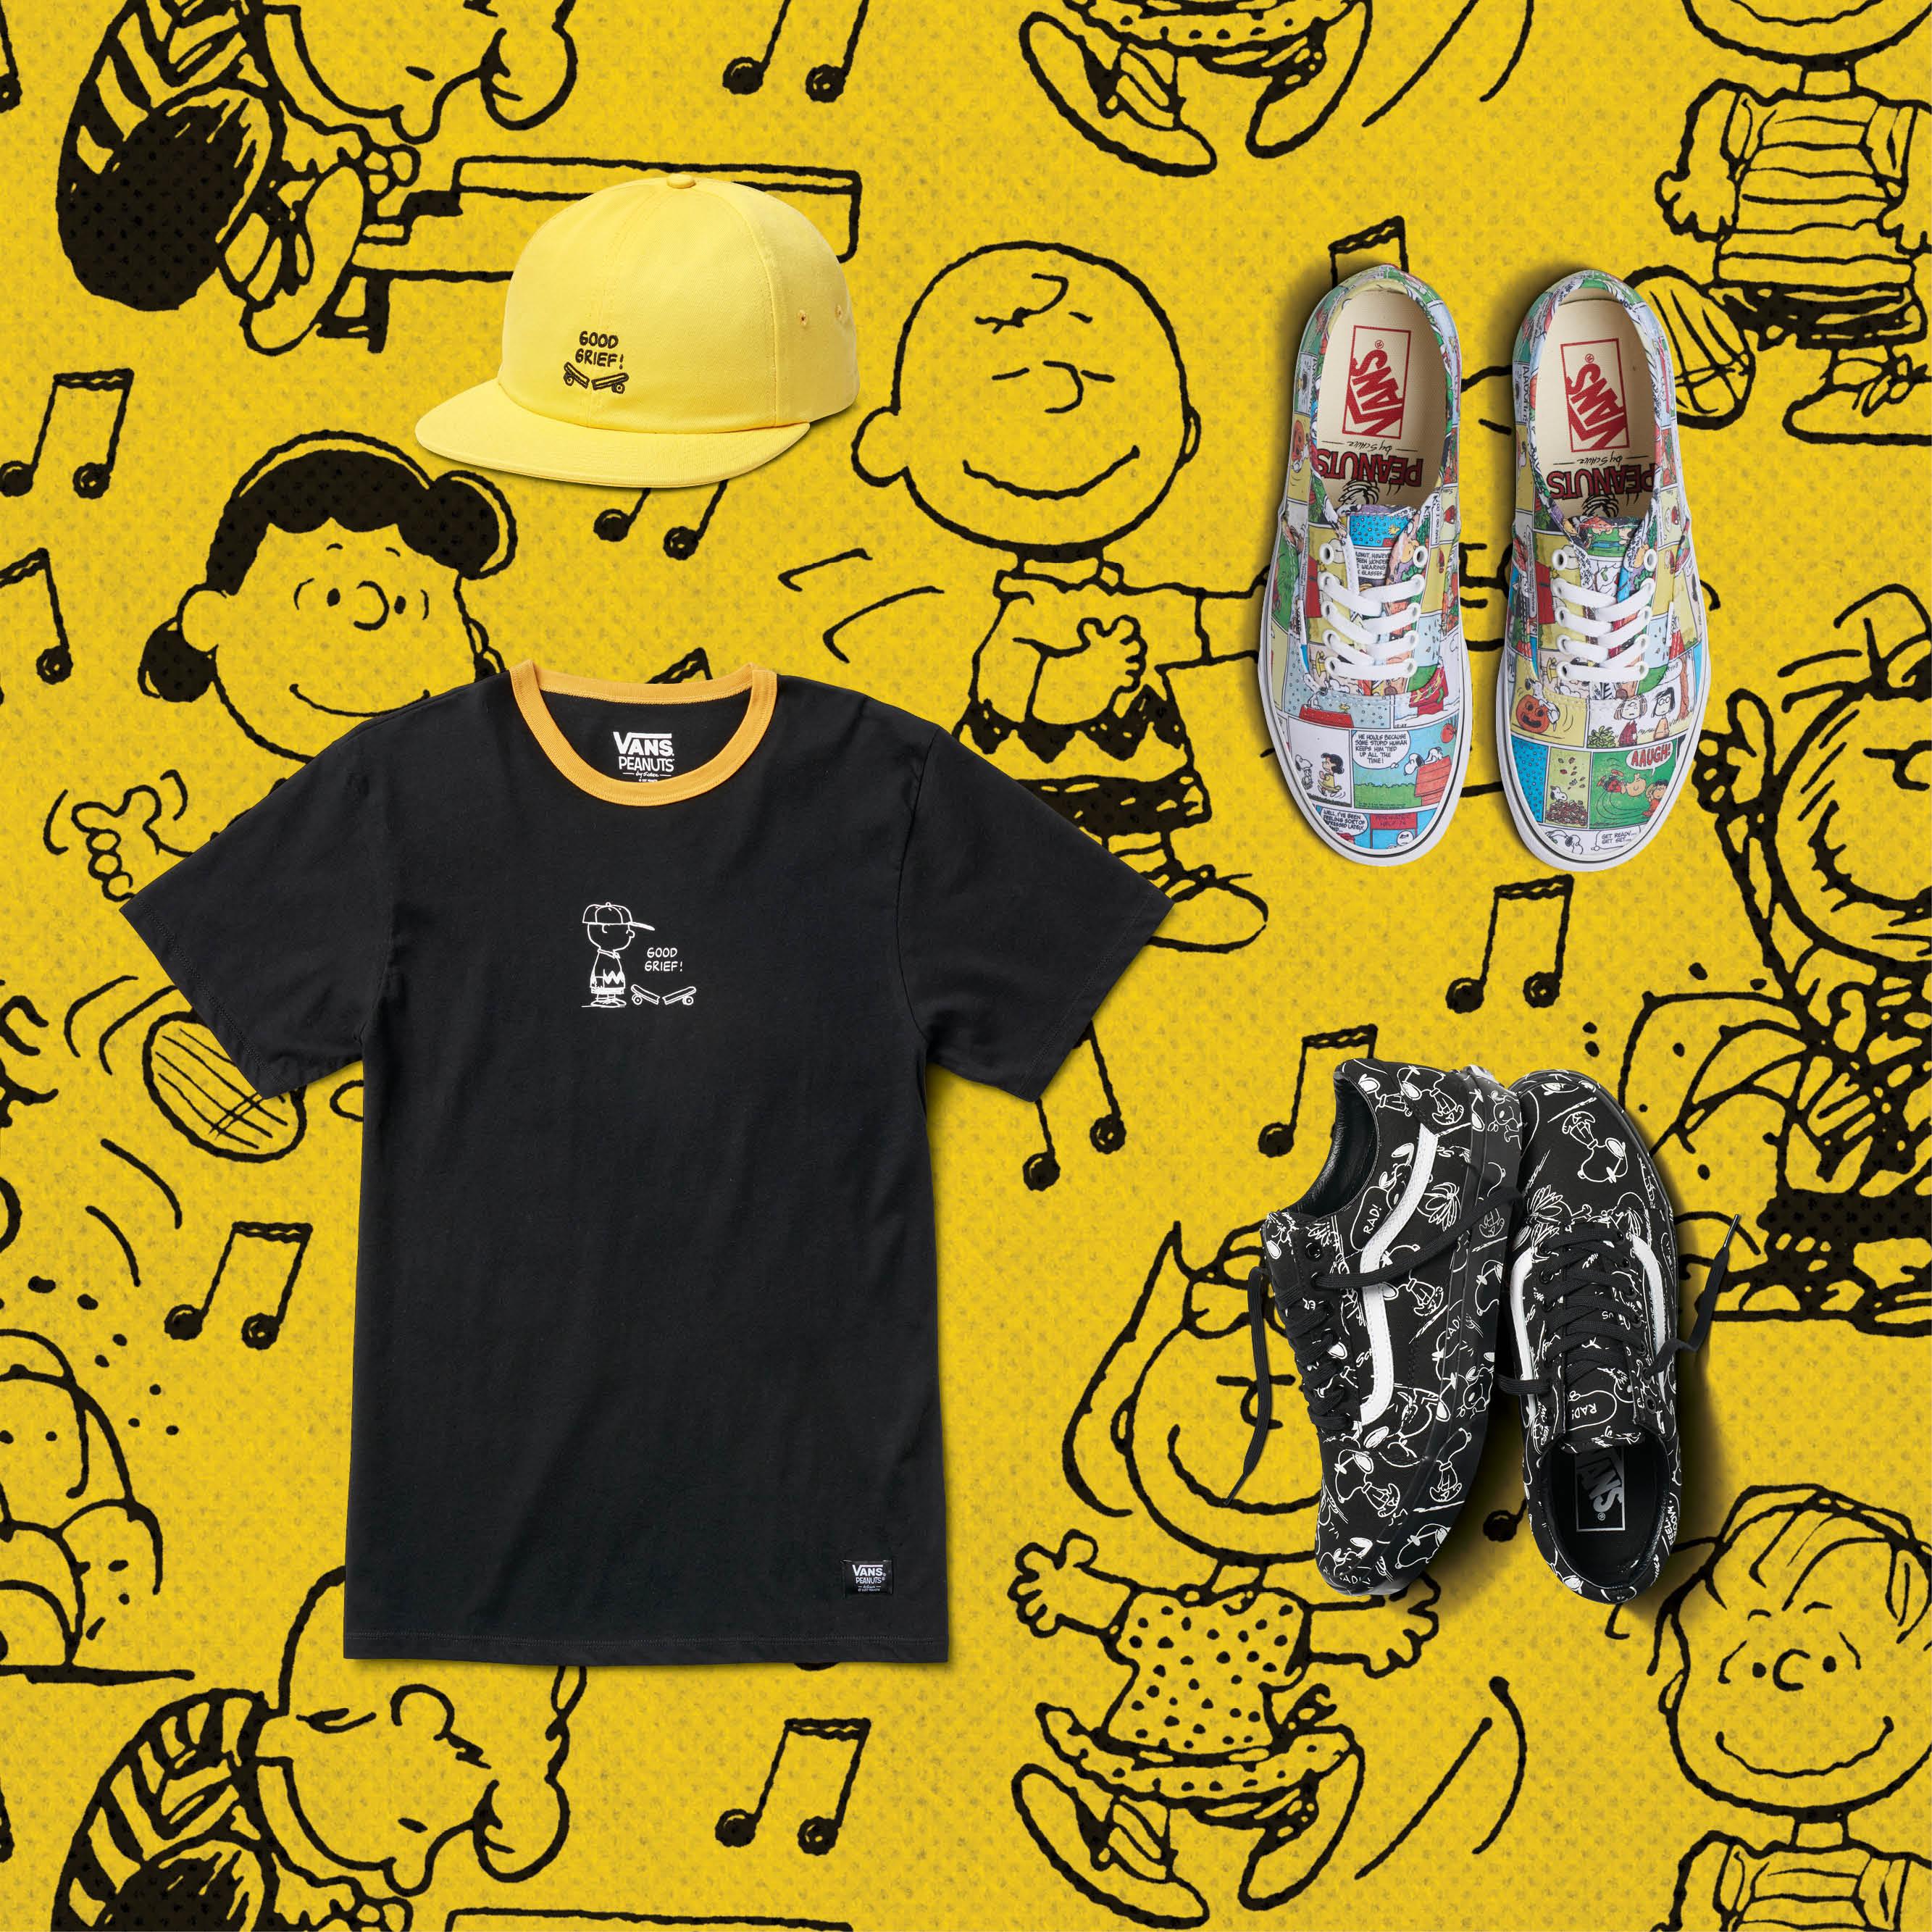 Snoopy Charlie Brown Vans tenis ropa playeras